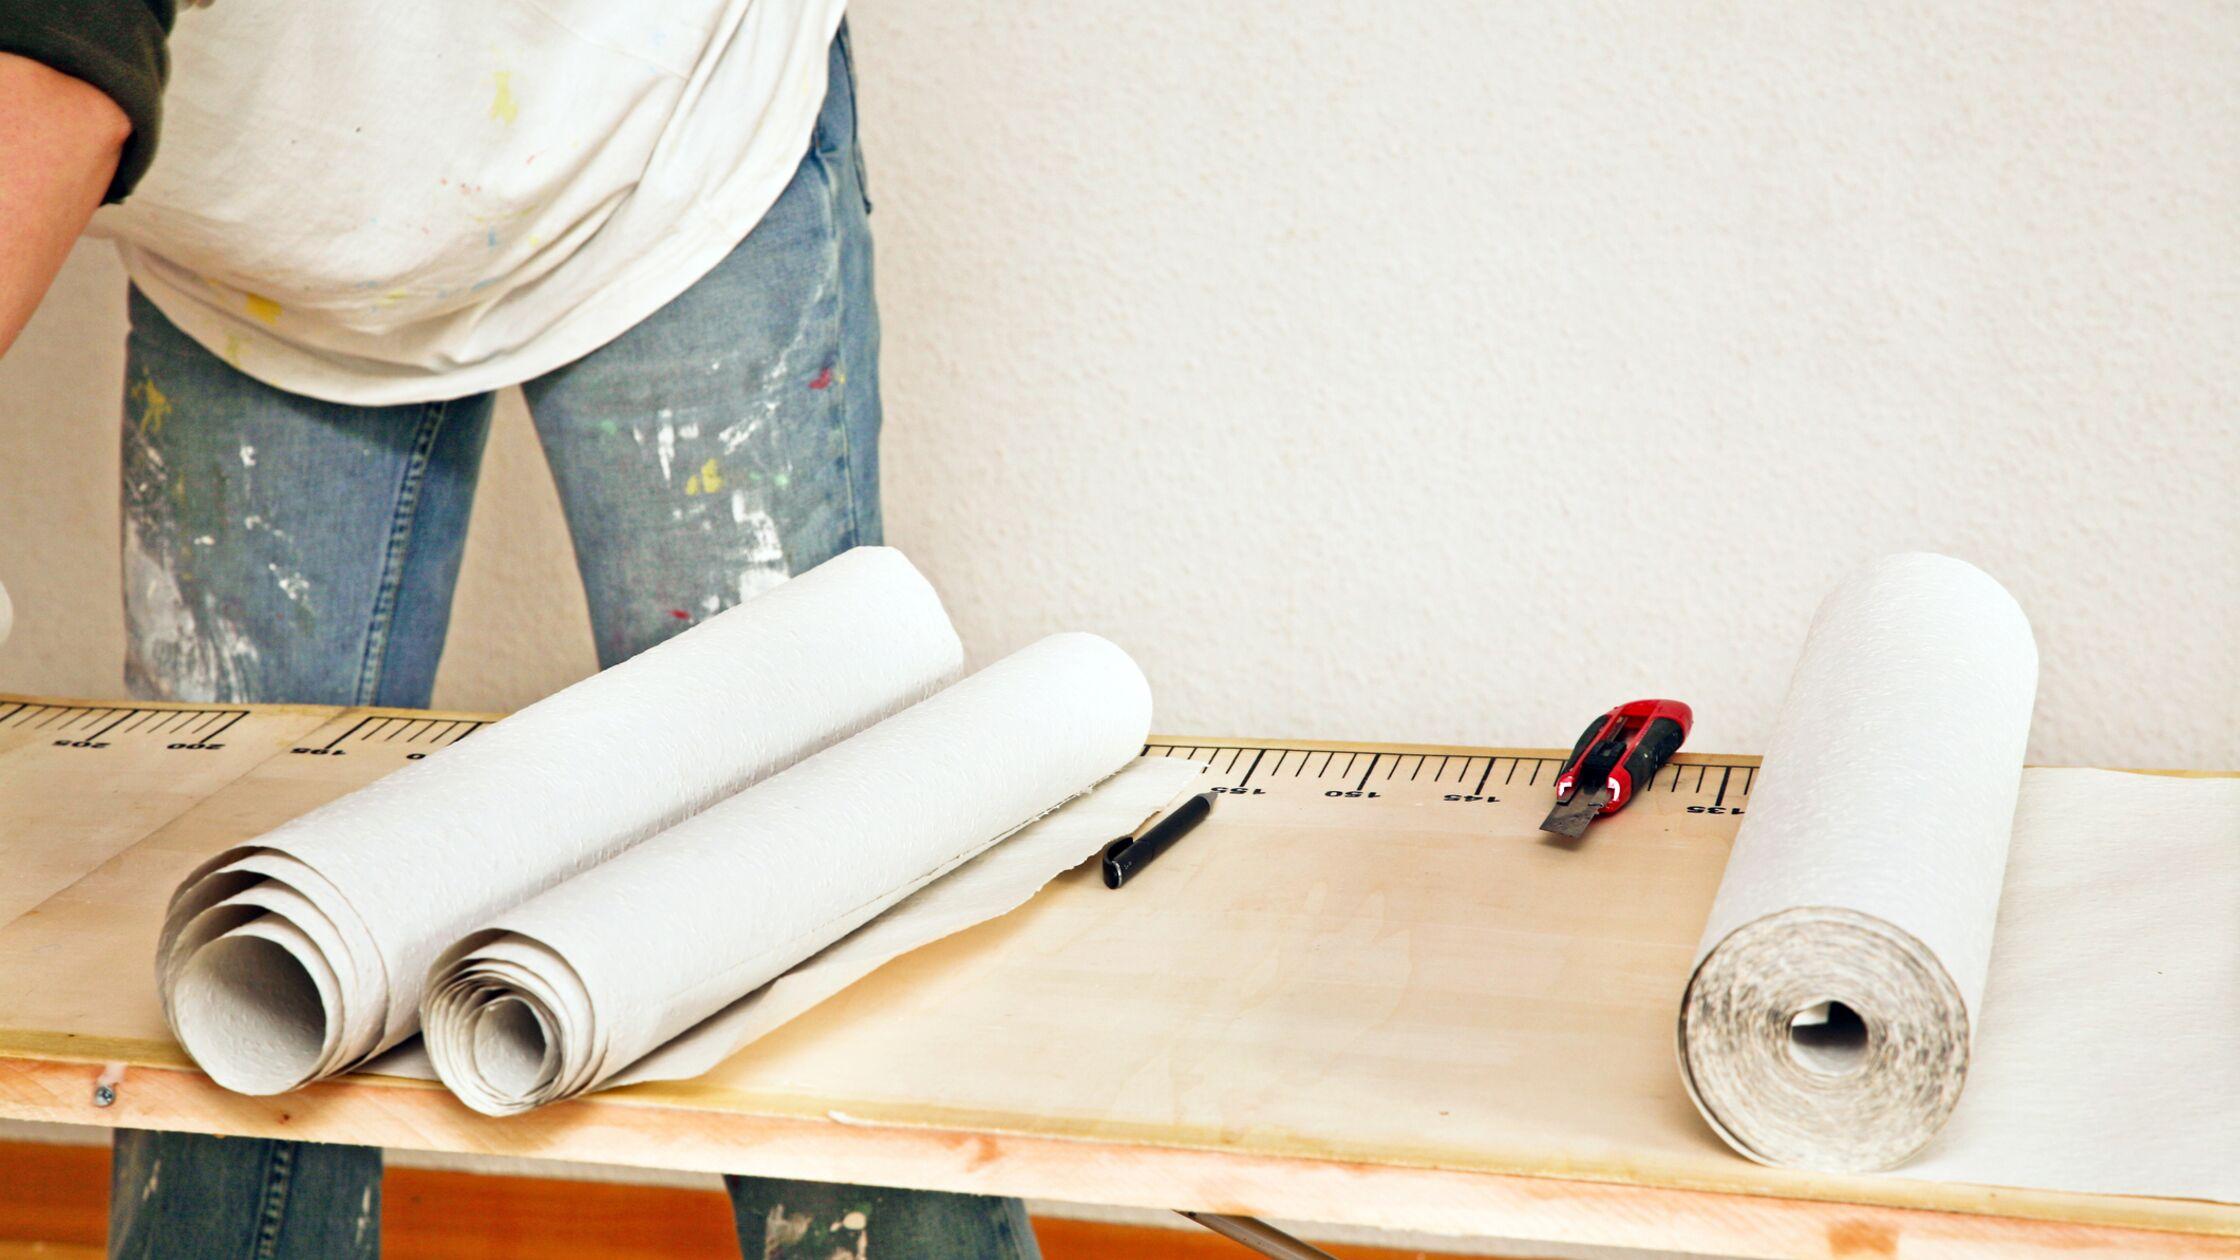 Frau steht mit farbverschmierten Jeans am Tapeziertisch und schneidet Tapeten zu